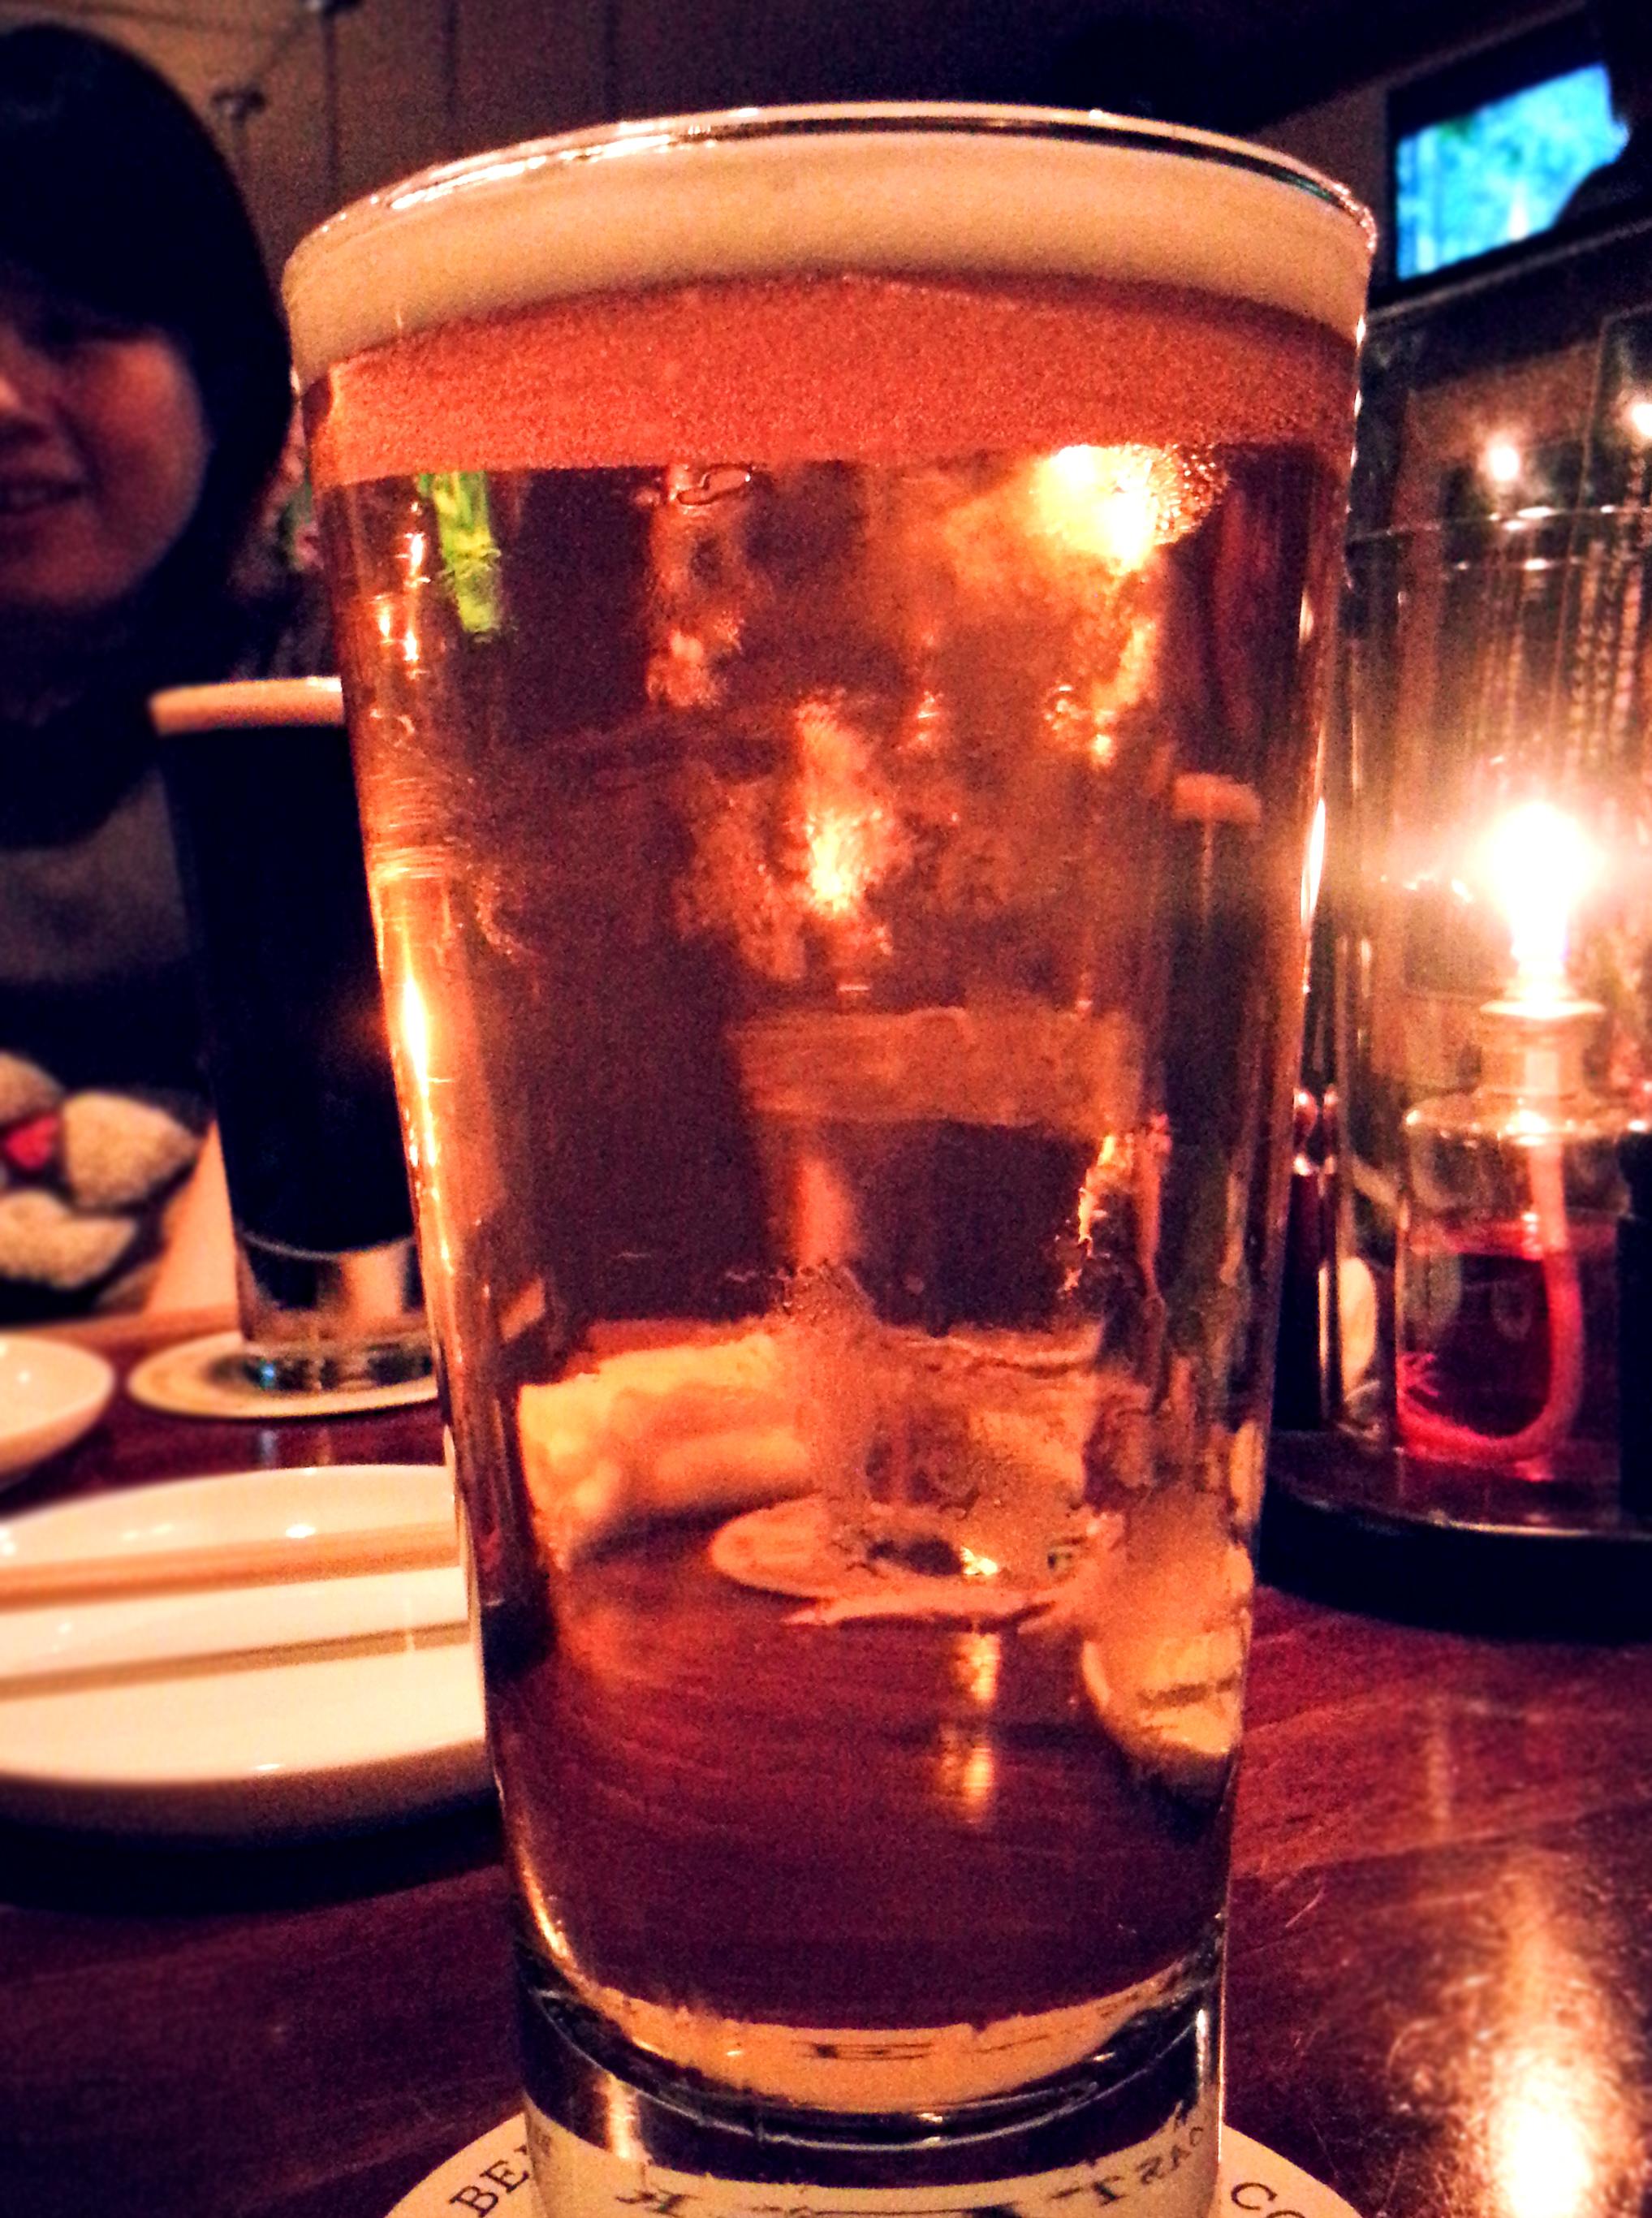 背景に照明を置いて撮ったビール